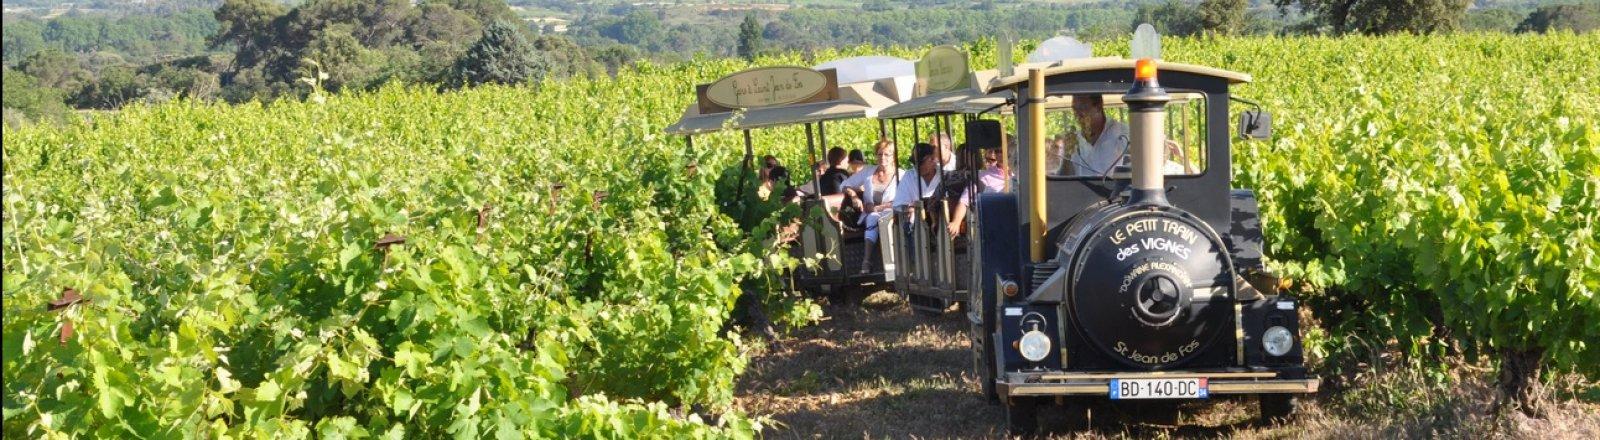 Petit Train des Vignes © Domaine Alexandrin